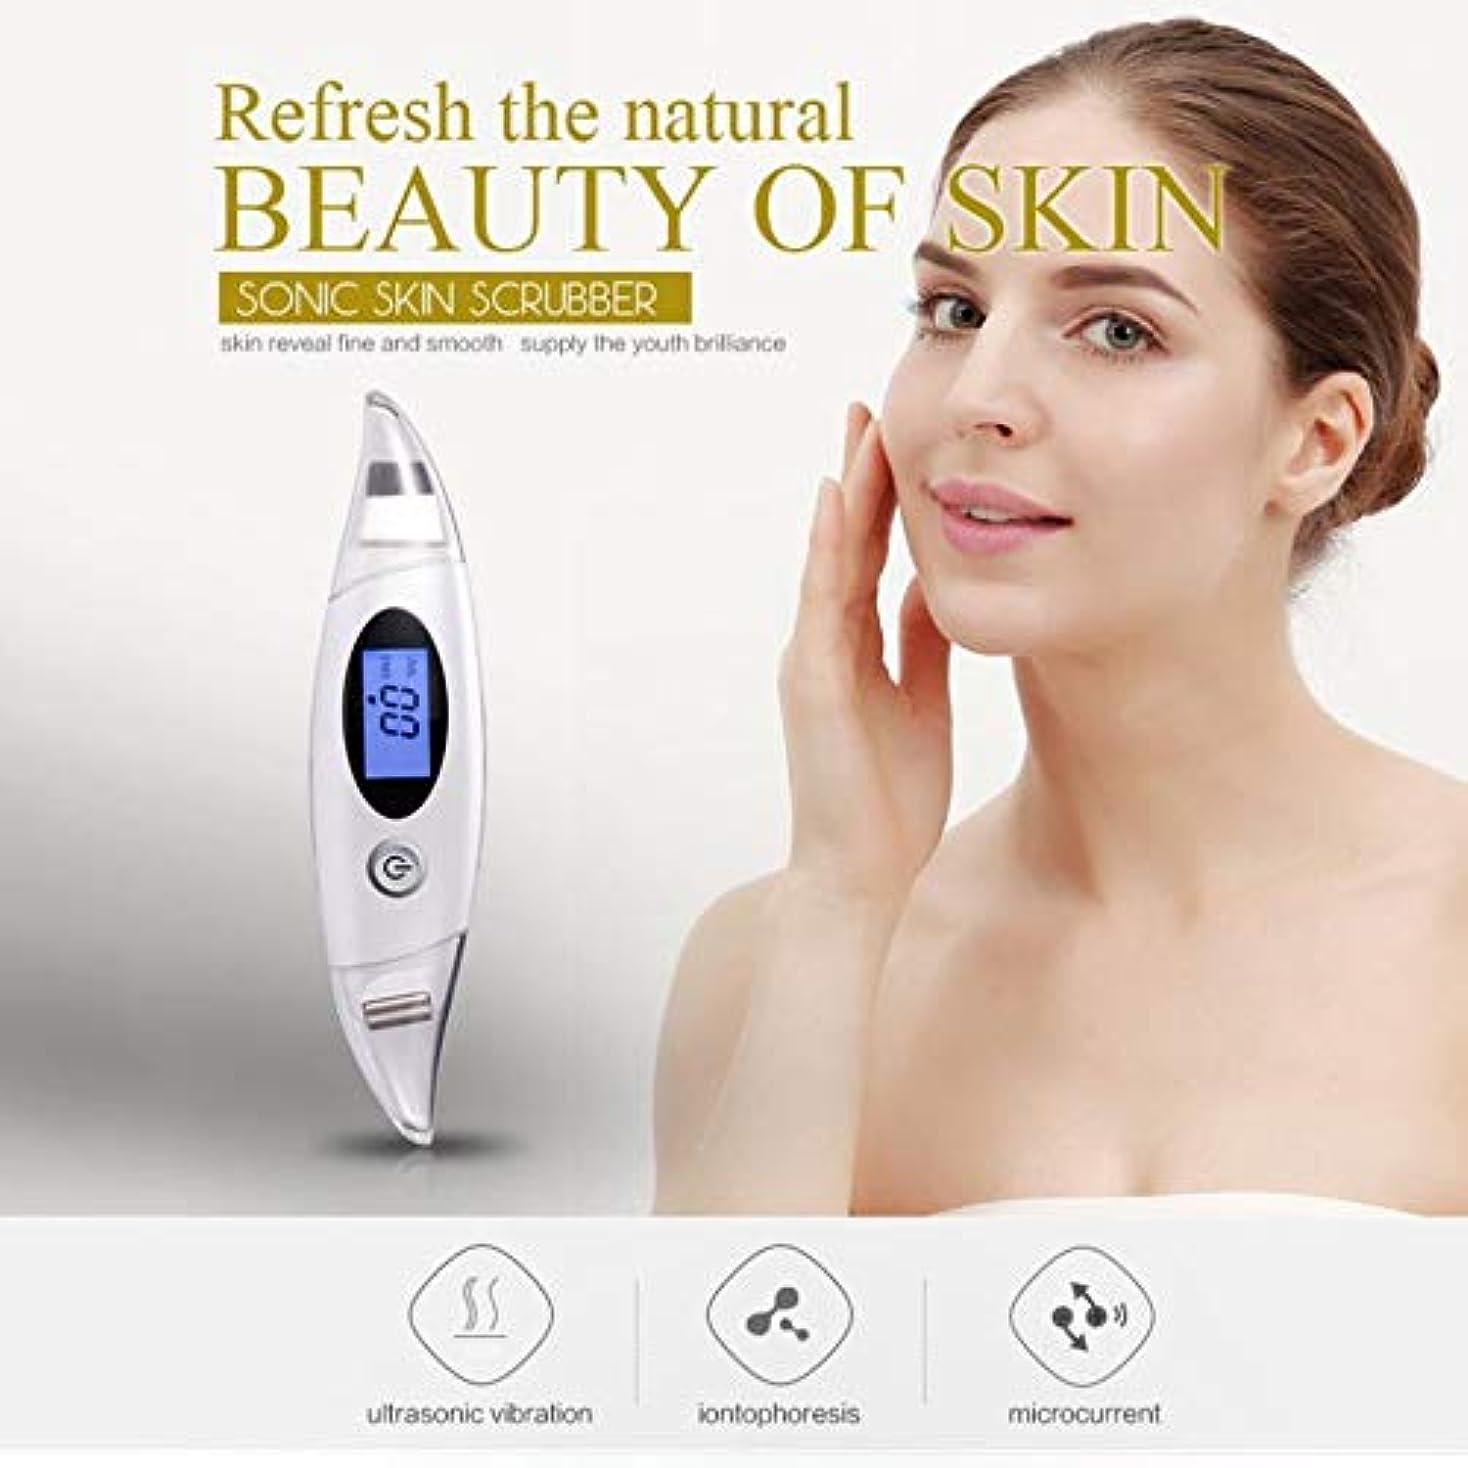 無厚いできたしわ除去Rf美容デバイス、顔のクレンジング、リフティング&引き締めデバイス、ディープクレンジング振動美容ツールをきつく締めるフェイスリフティングスキン